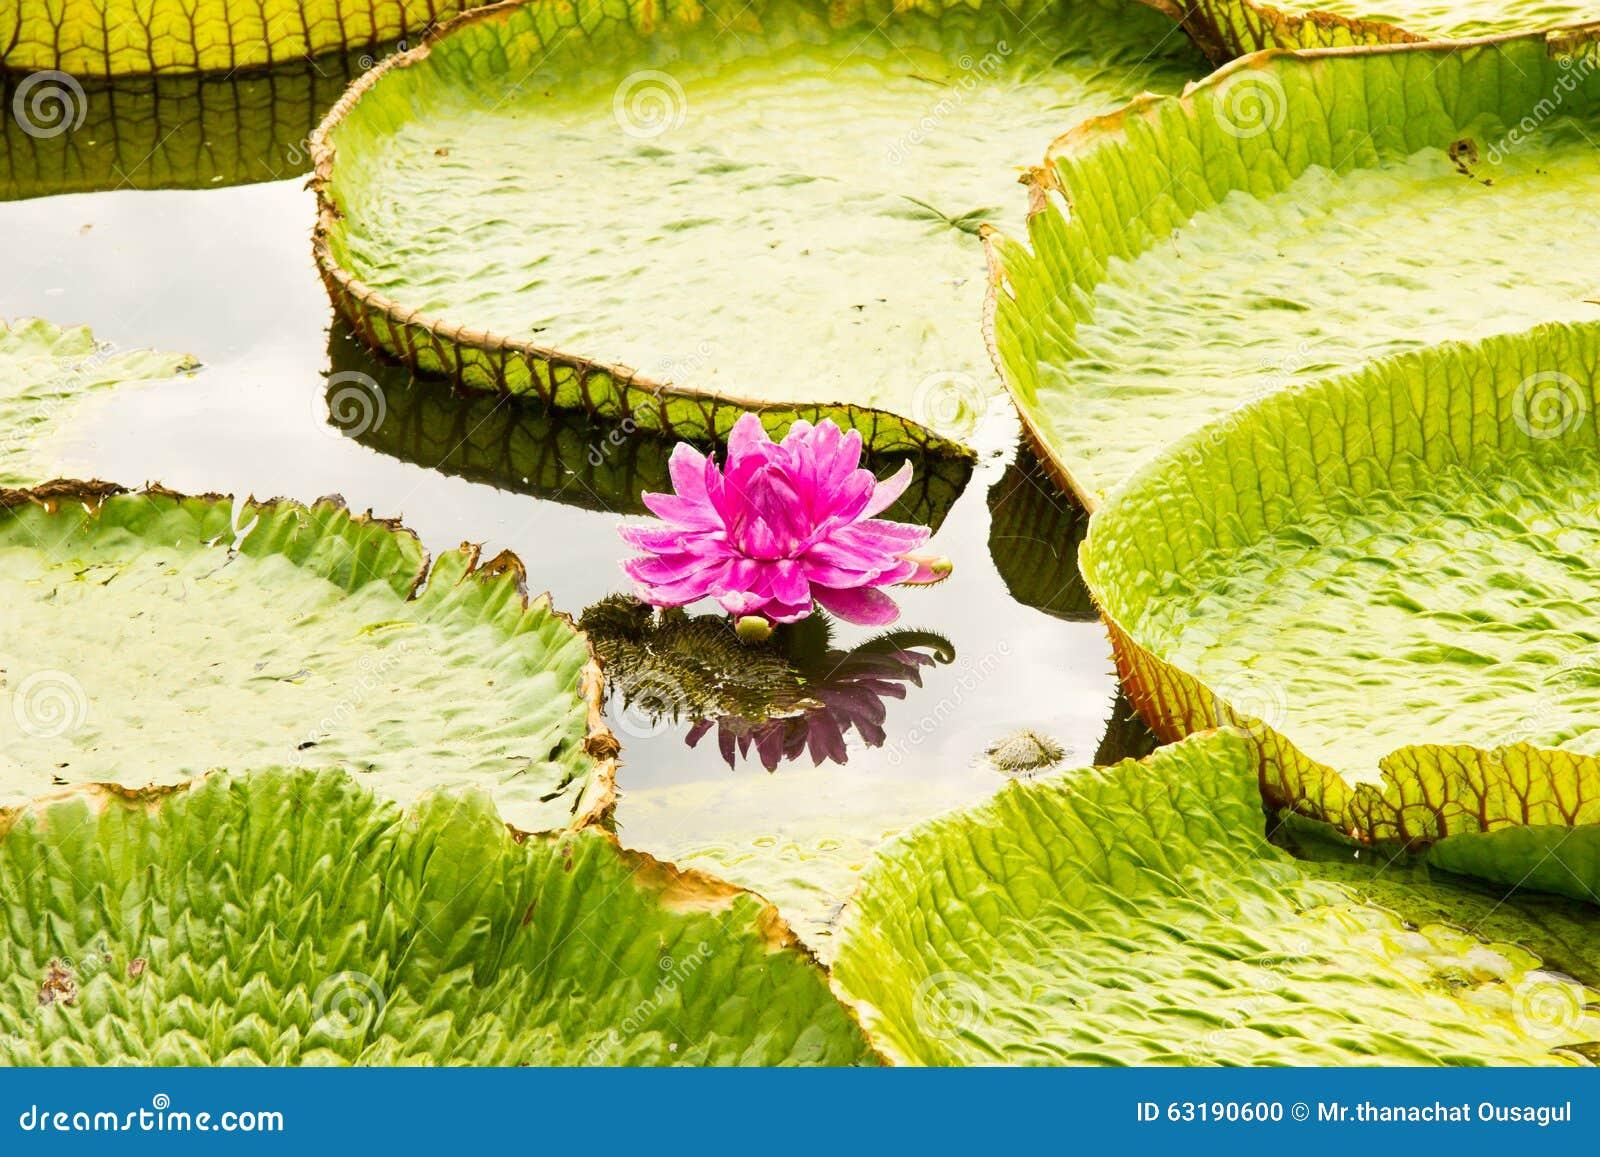 Victoria Lotus Stock Photo Image Of Pride Plumeria 63190600